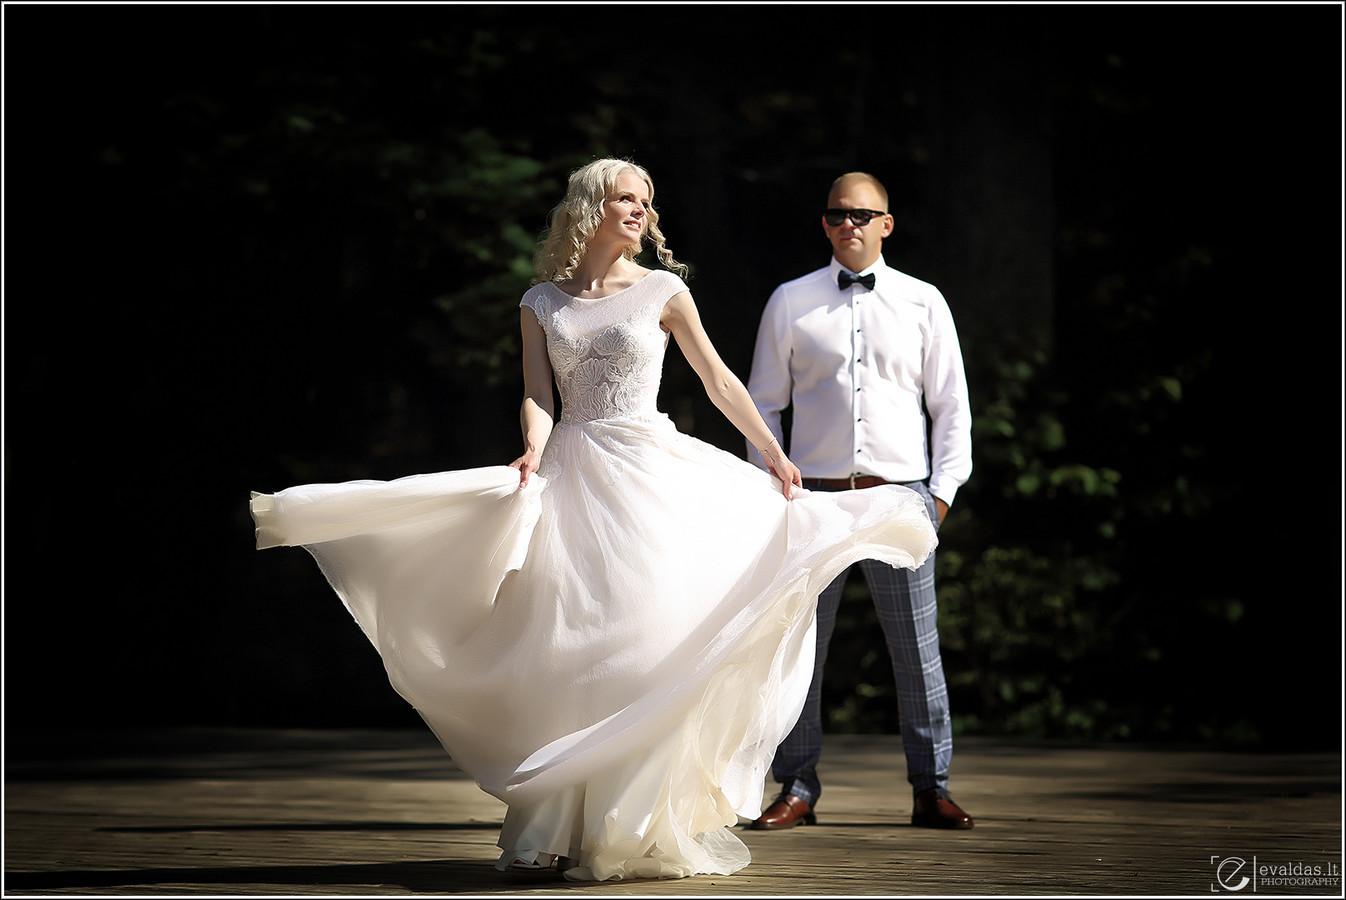 nuostabus jausmas fotografuoti vestuves